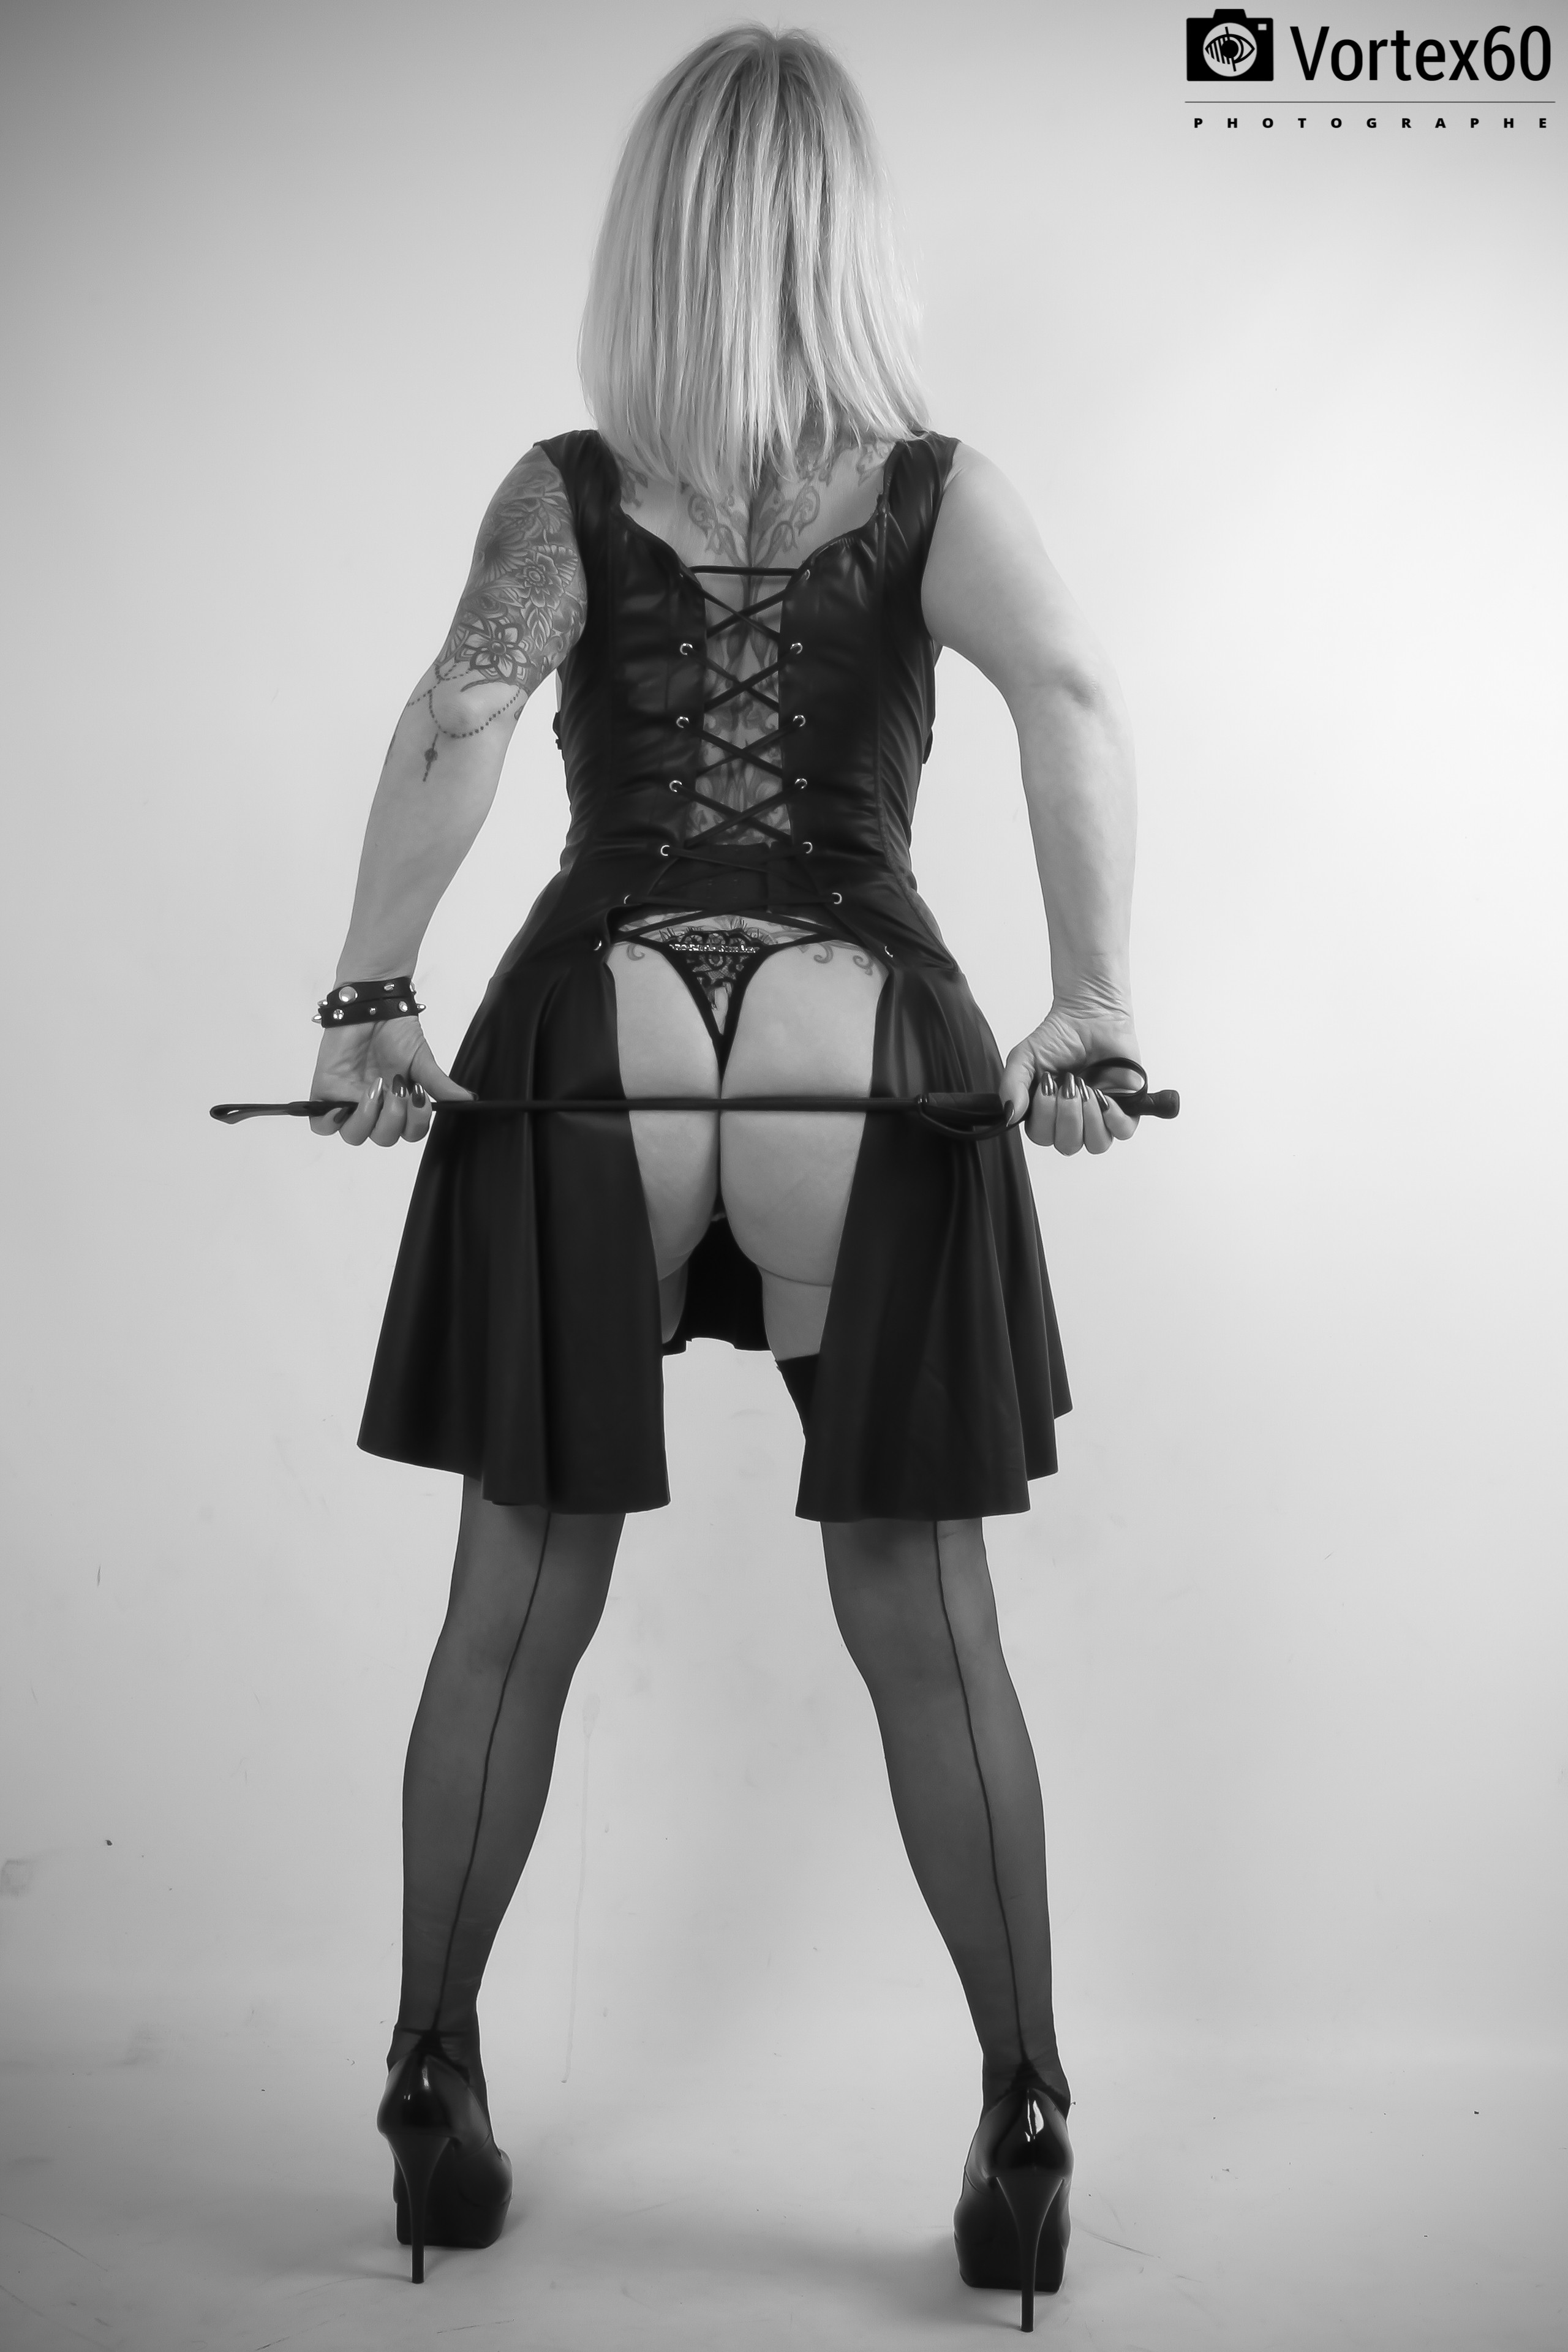 Les envie d'une soumise By Vortex60 Photographe